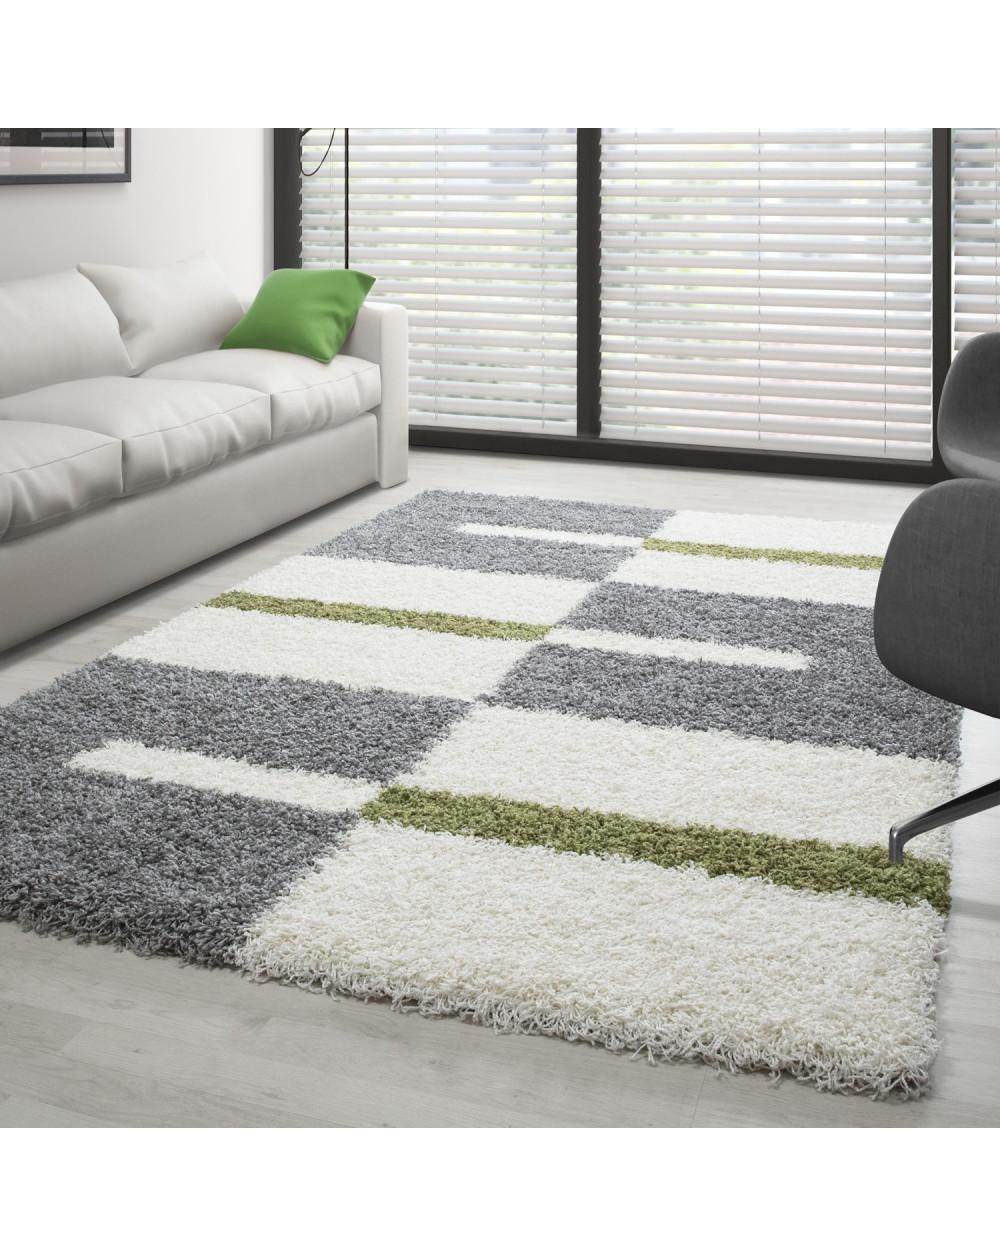 Hochflor Langflor Wohnzimmer Shaggy Teppich Florhöhe 3cm Grau-Weiss-Grün  Größe 60x110 cm